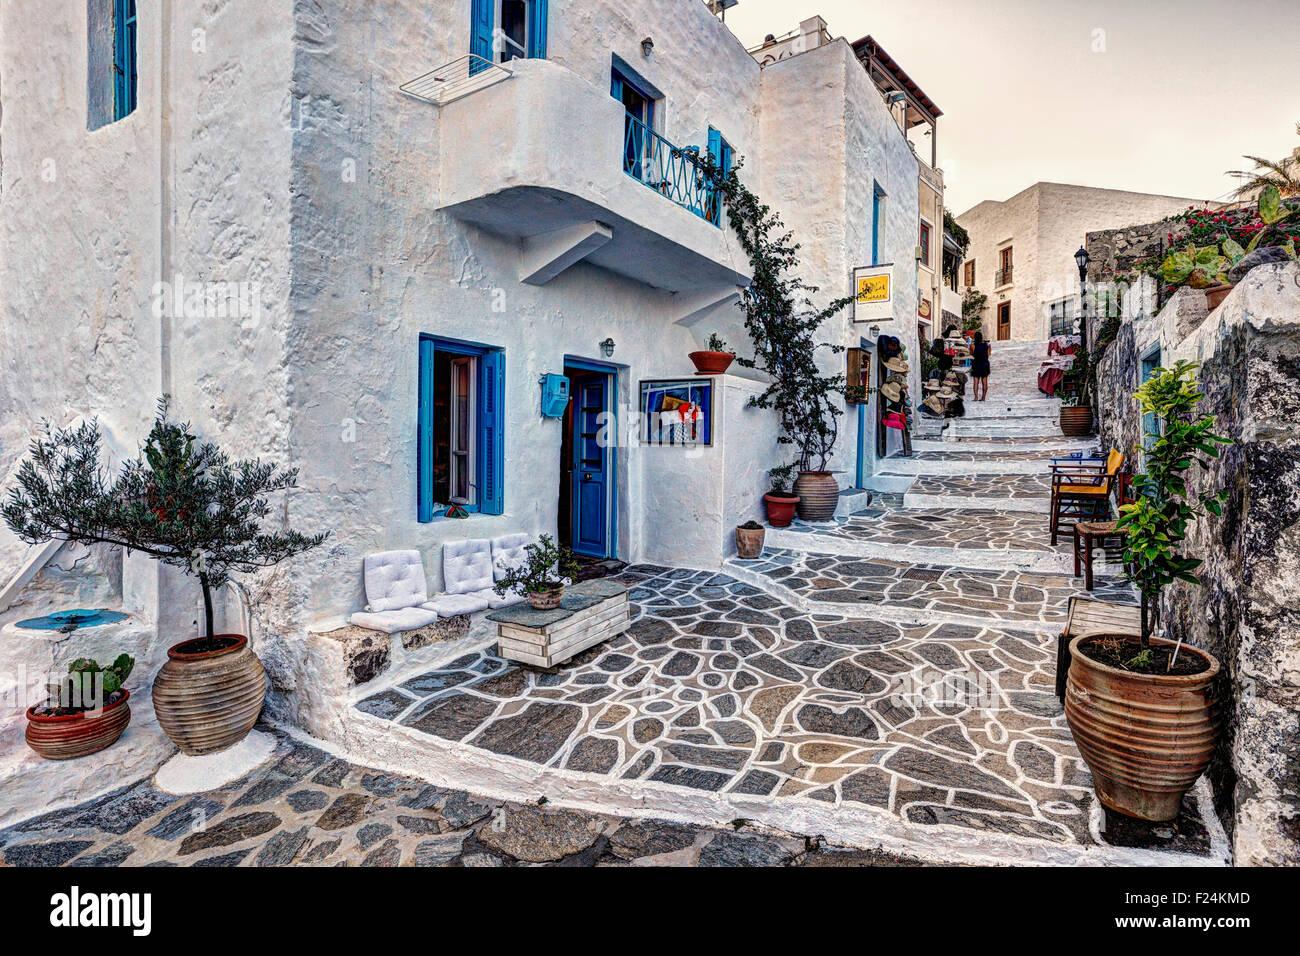 El tradicional pueblo de Plaka, en Milos, Grecia Imagen De Stock